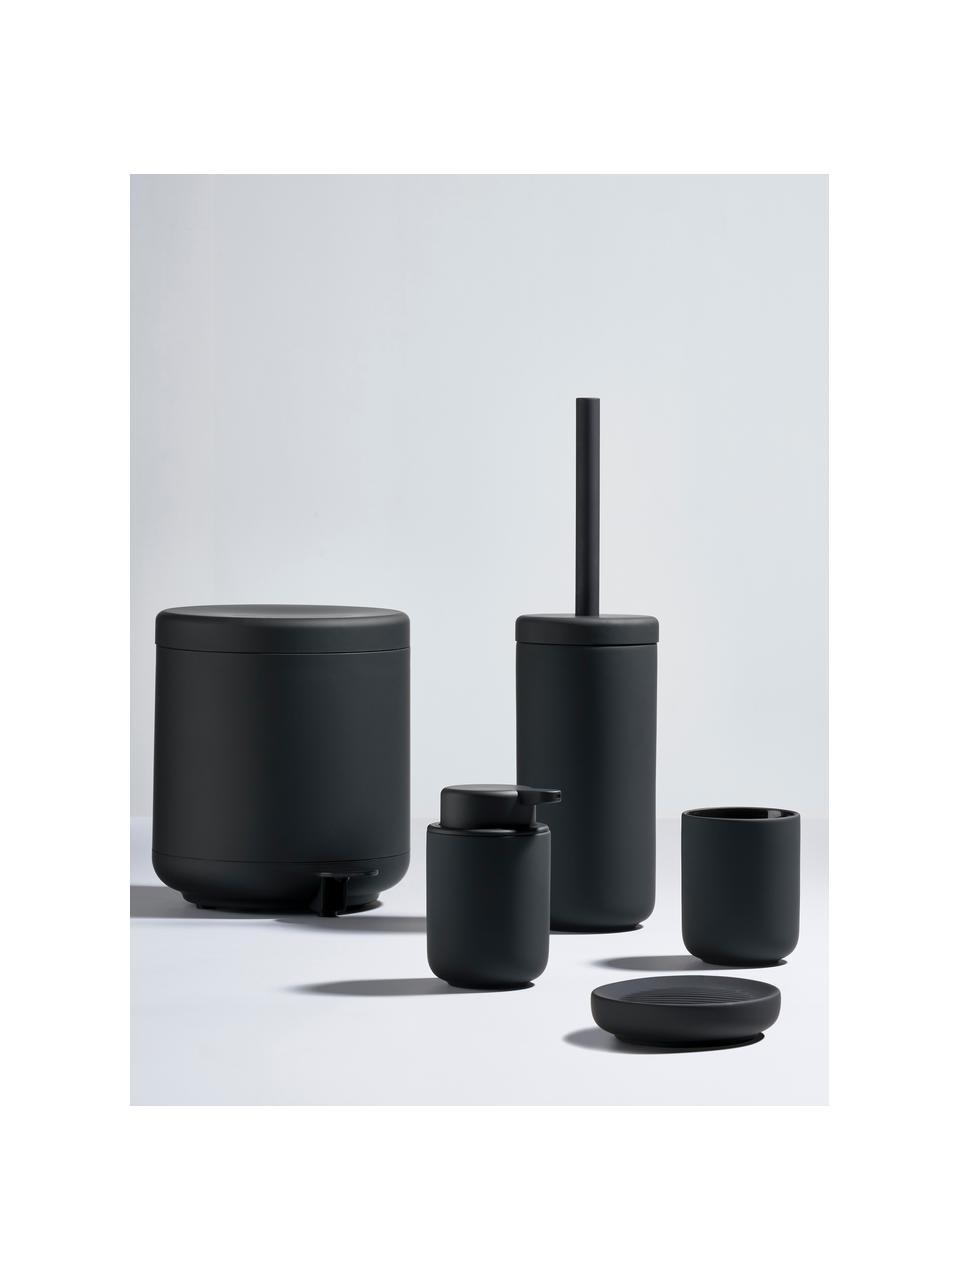 Kubek na szczoteczki z kamionki Ume, Ceramika pokryta miękką w dotyku powłoką (tworzywo sztuczne), Czarny, matowy, Ø 8 x W 10 cm